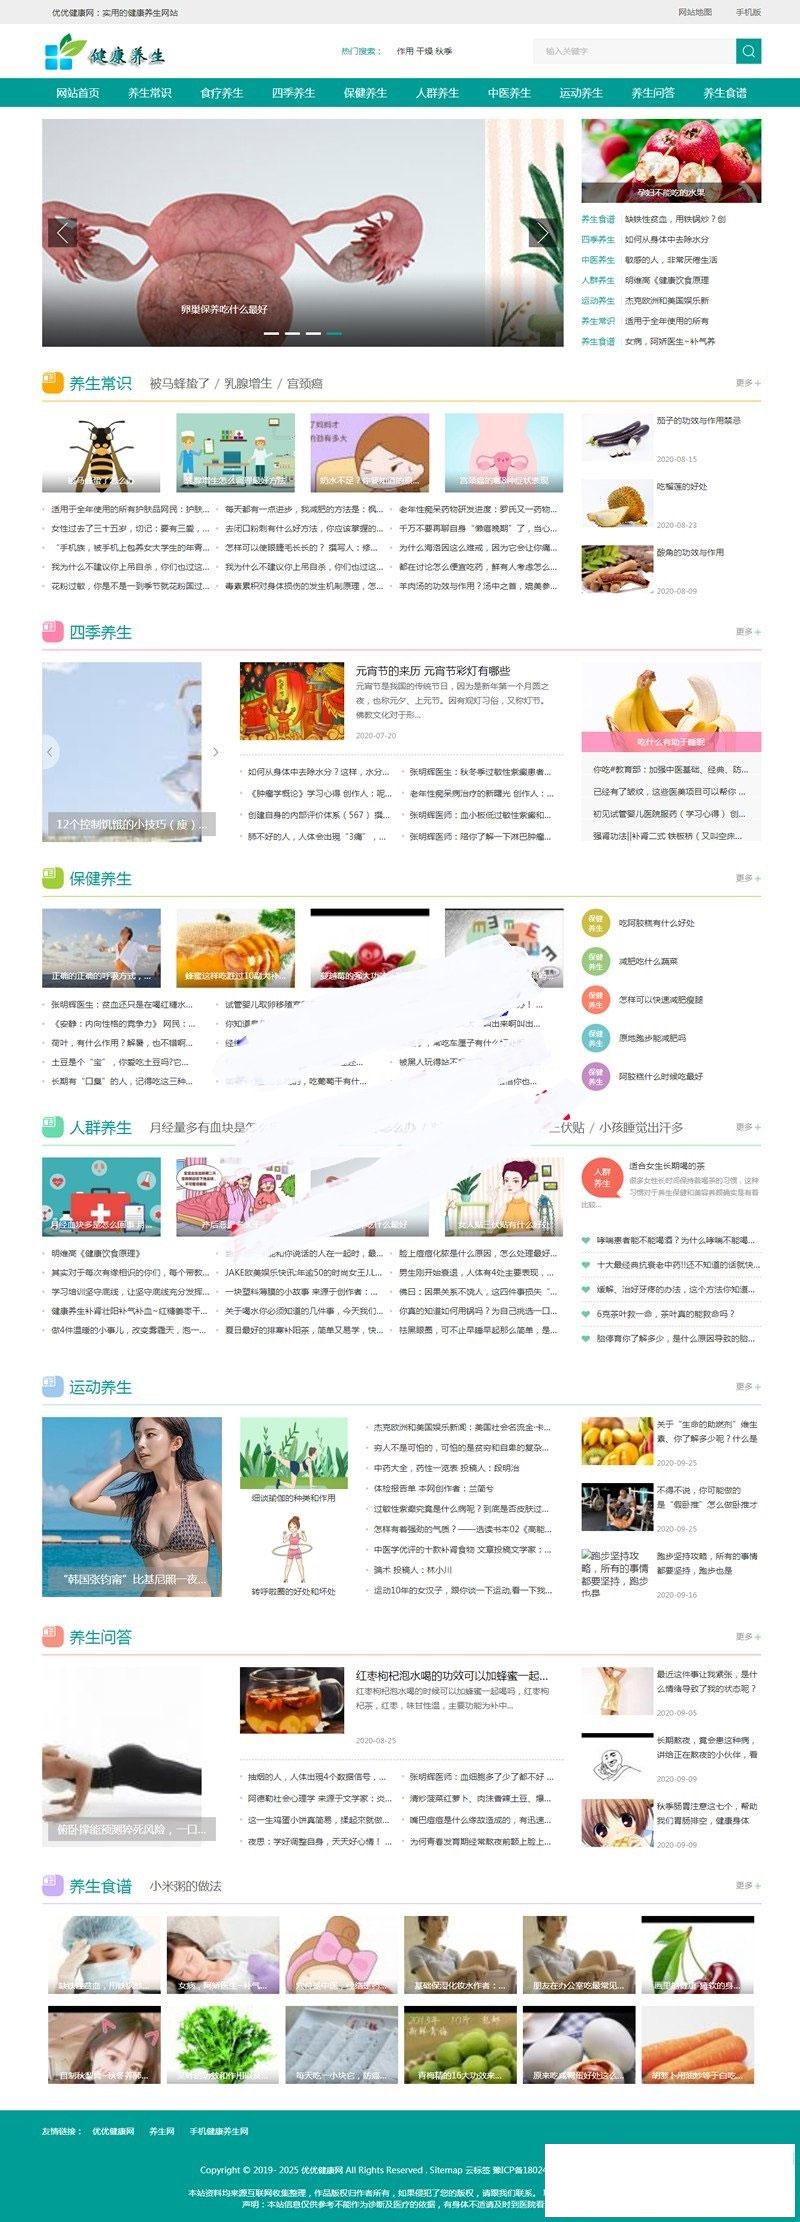 帝国CMS7.5内核蓝色清新养生健康资讯网站源码